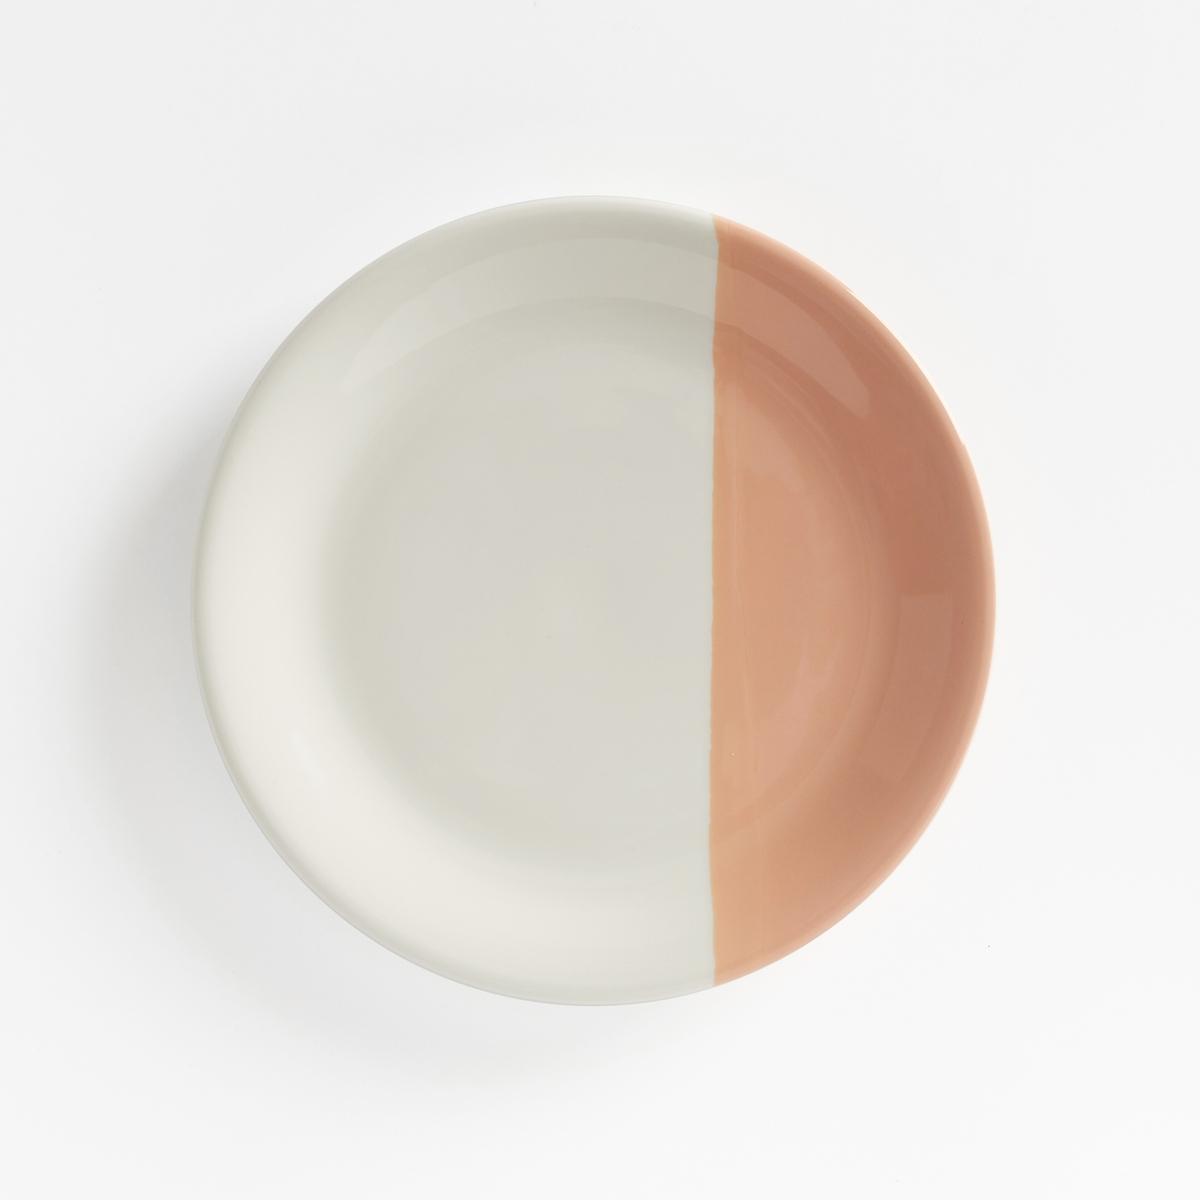 Комплект из 4 десертных тарелок, ZALATO